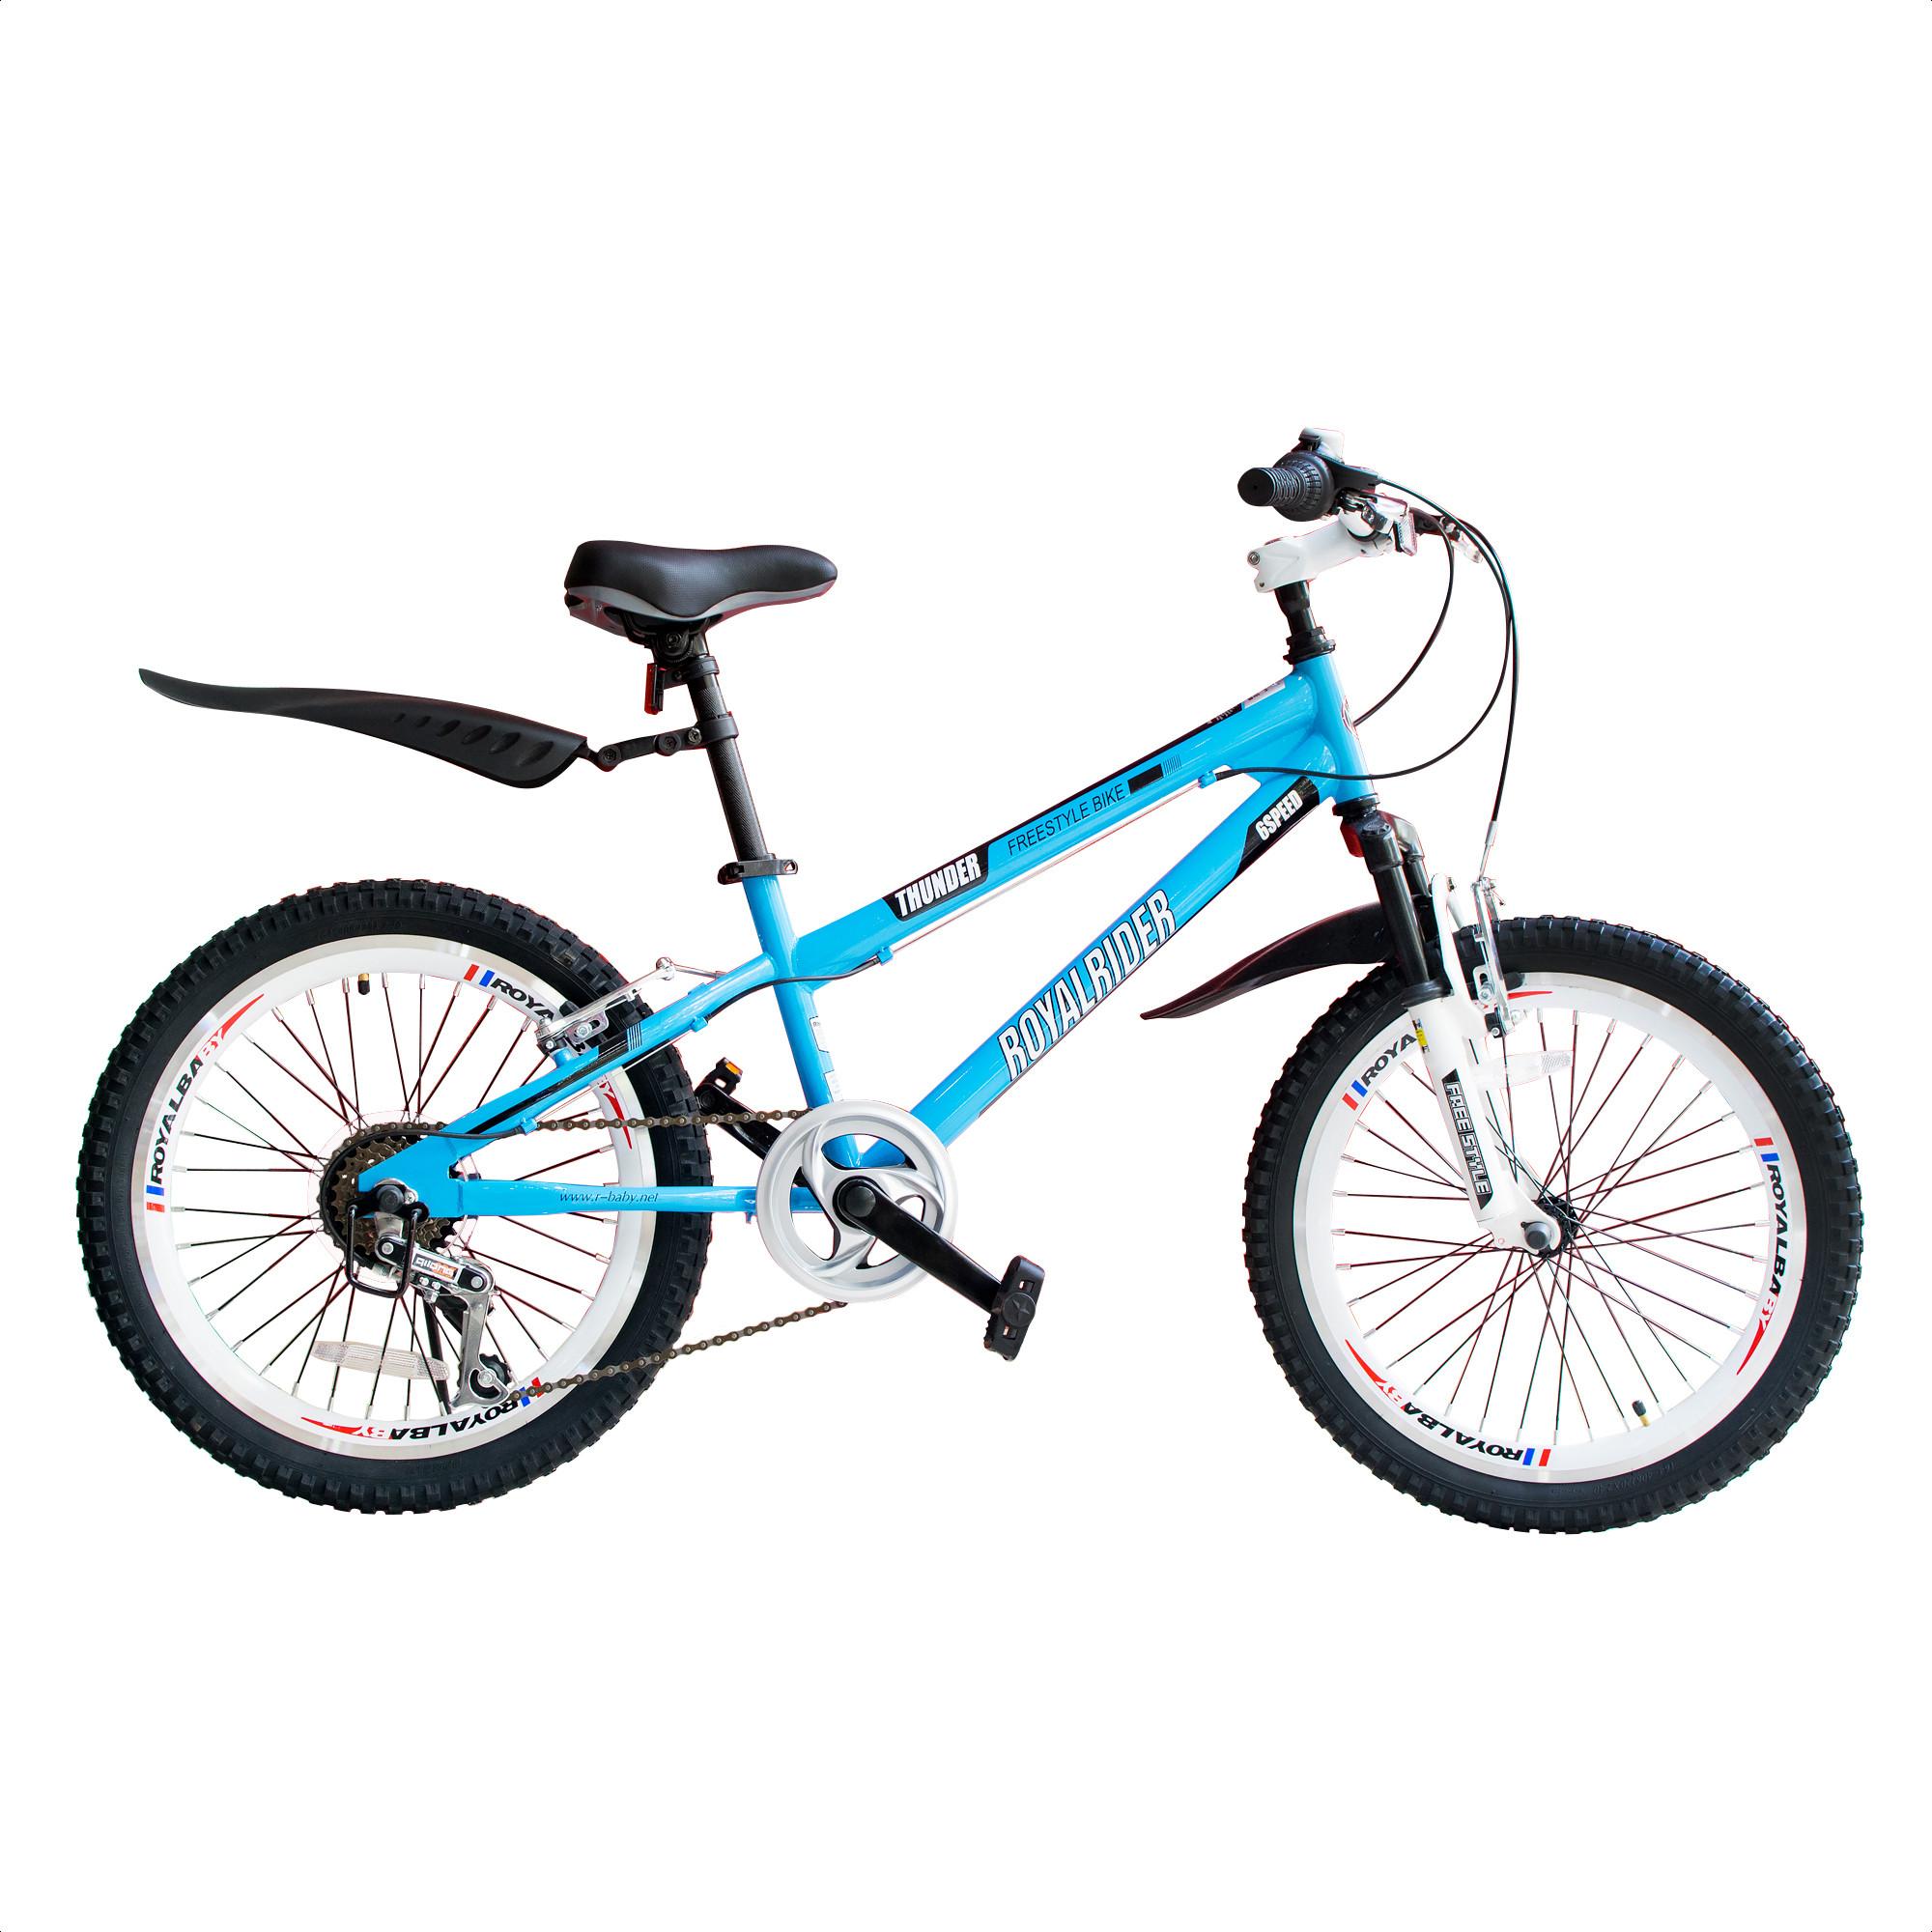 Bicicleta Infantil Royal Baby Freestyle Con Cambios Rodado 20